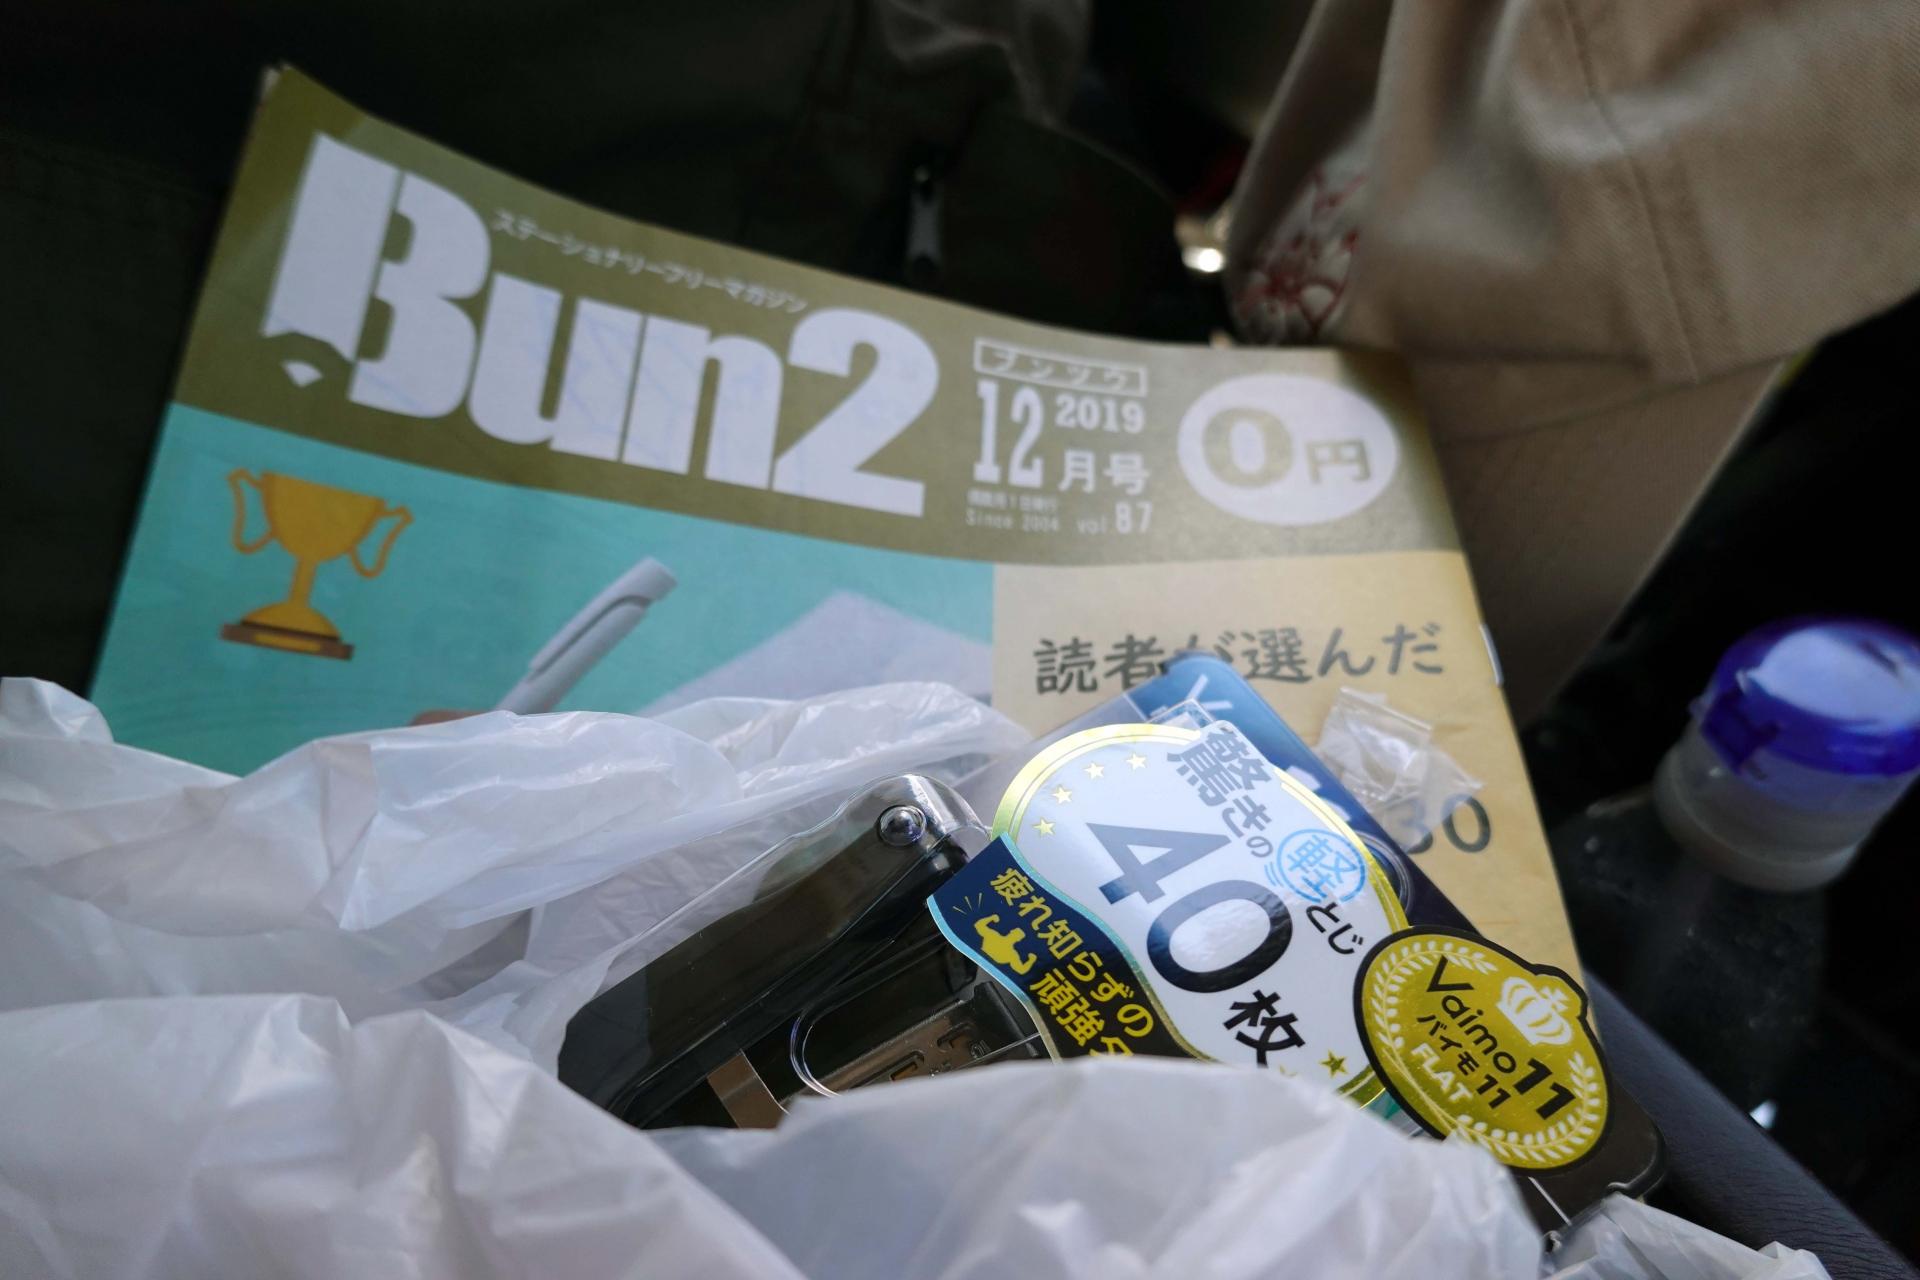 DESAKIで買い物